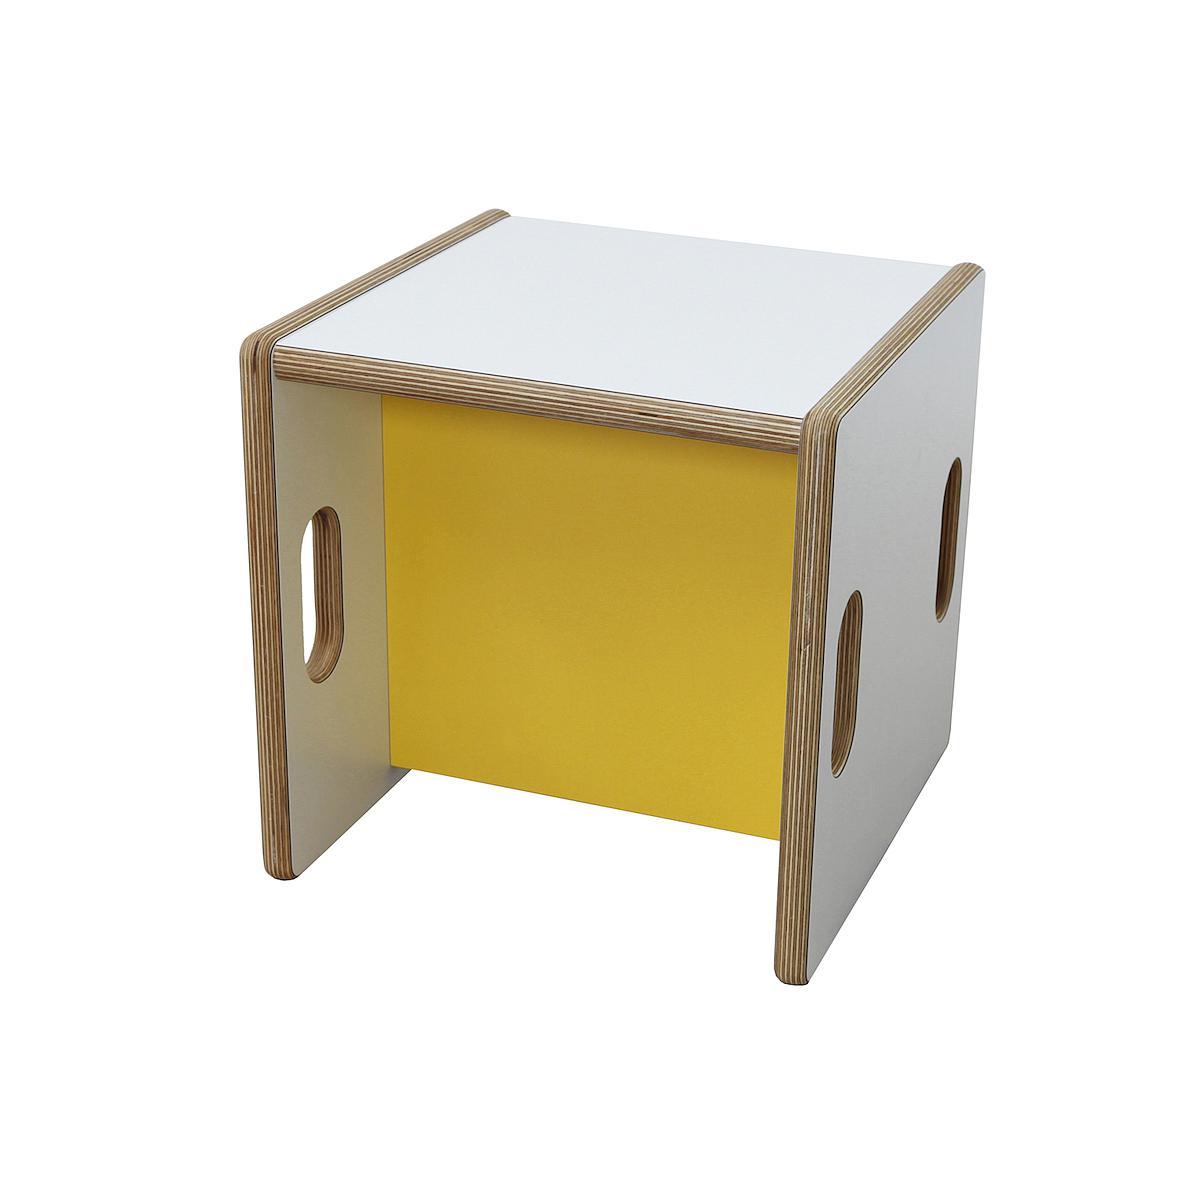 Wandelstuhl DECOR Debreuyn Multiplex-weiß Sitzfläche gelb - OHNE VERPACKUNG B 32 x H 32 x T 32 cm